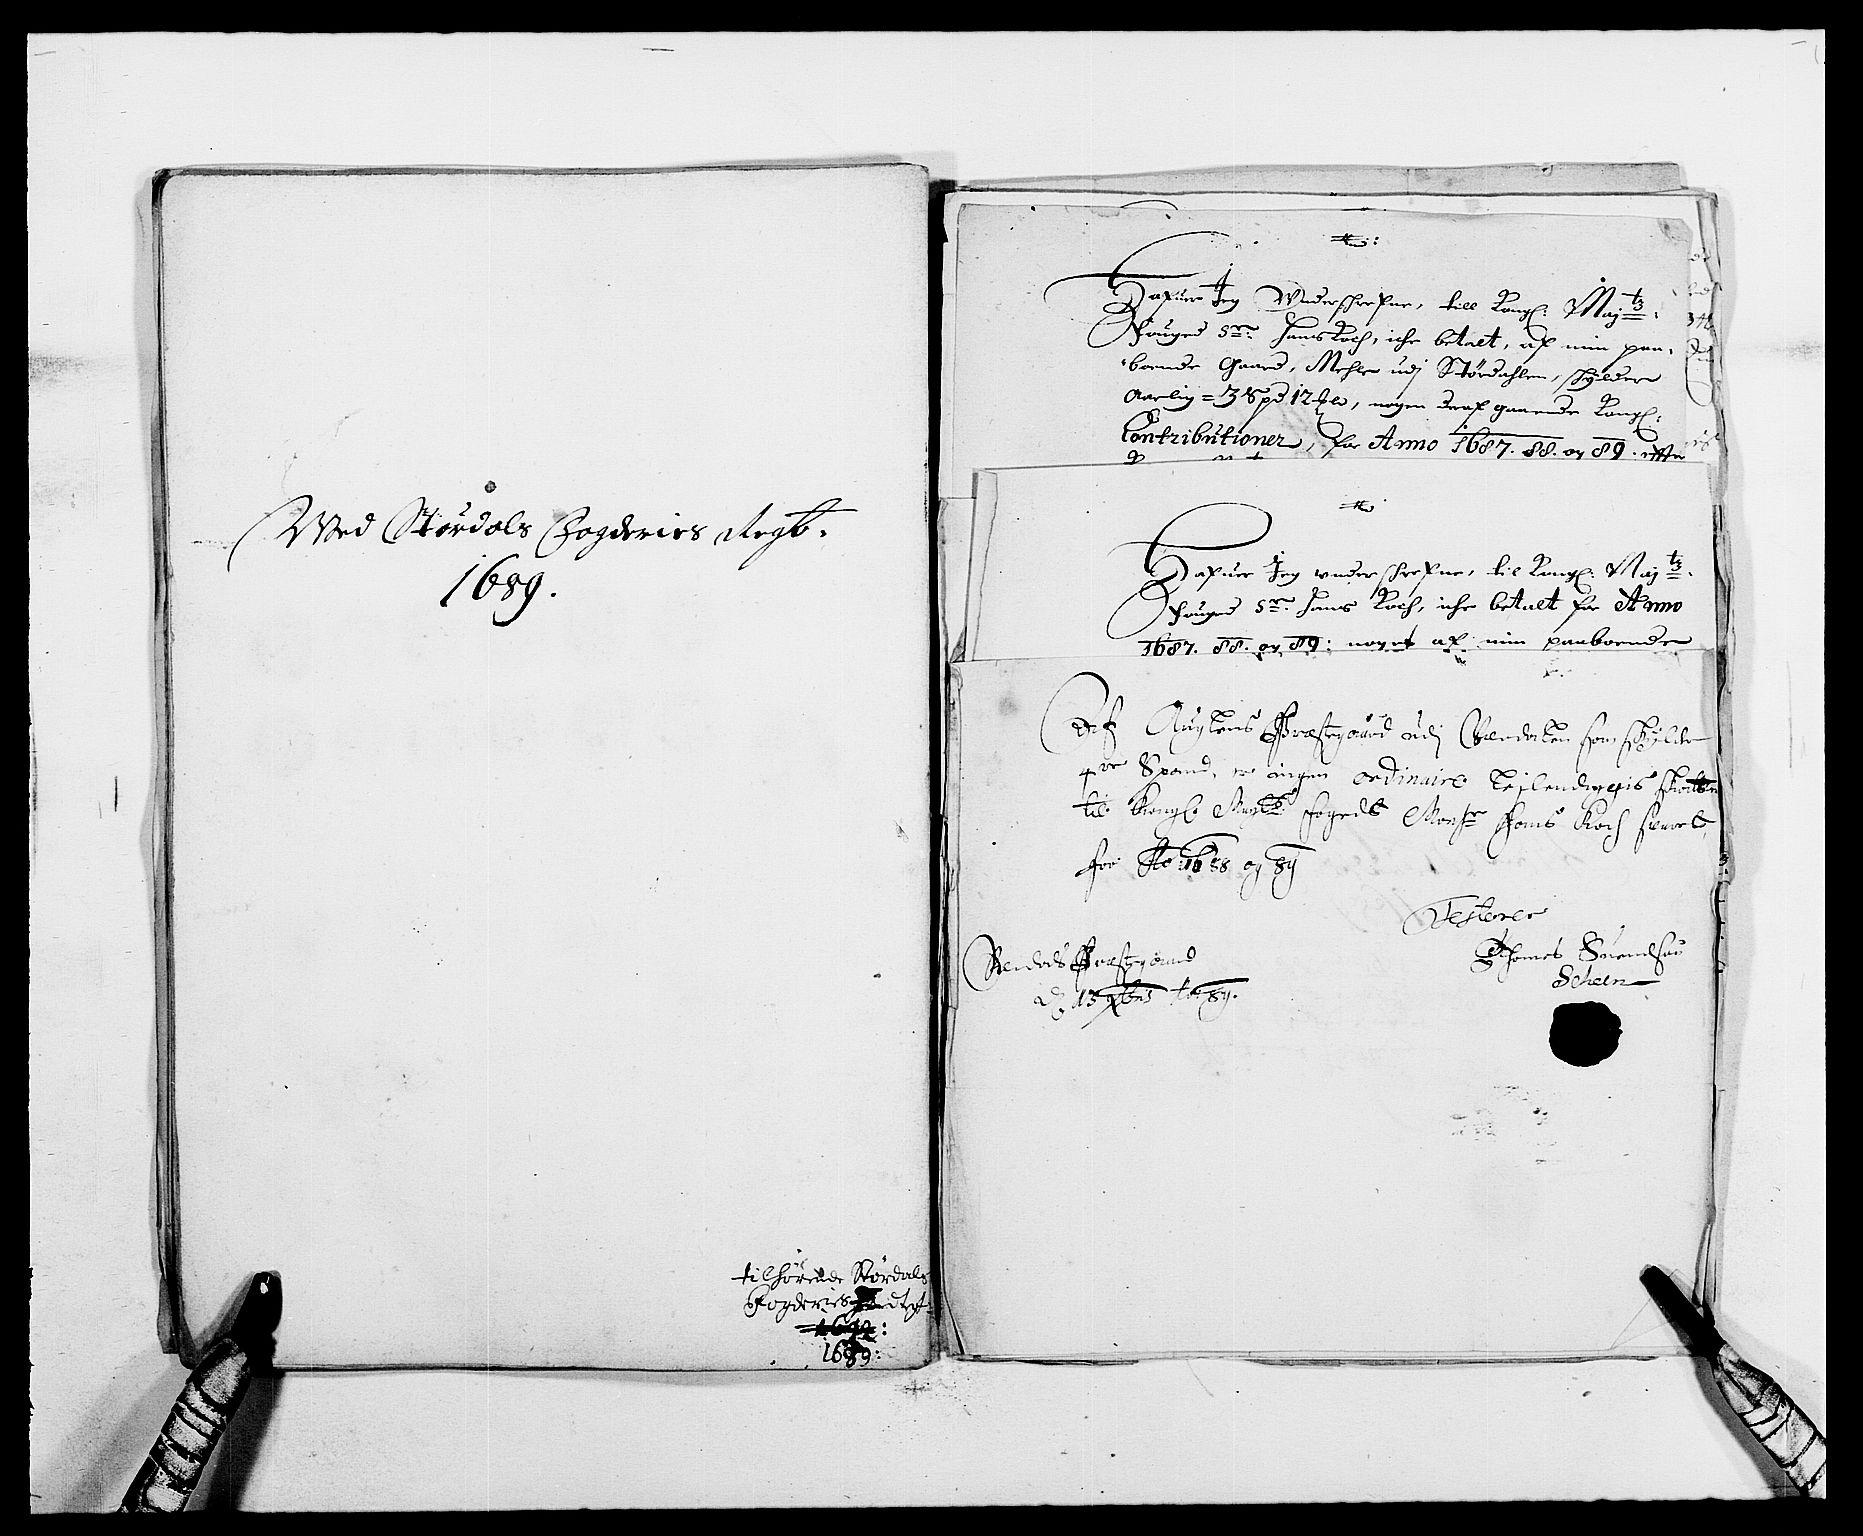 RA, Rentekammeret inntil 1814, Reviderte regnskaper, Fogderegnskap, R62/L4183: Fogderegnskap Stjørdal og Verdal, 1687-1689, s. 406